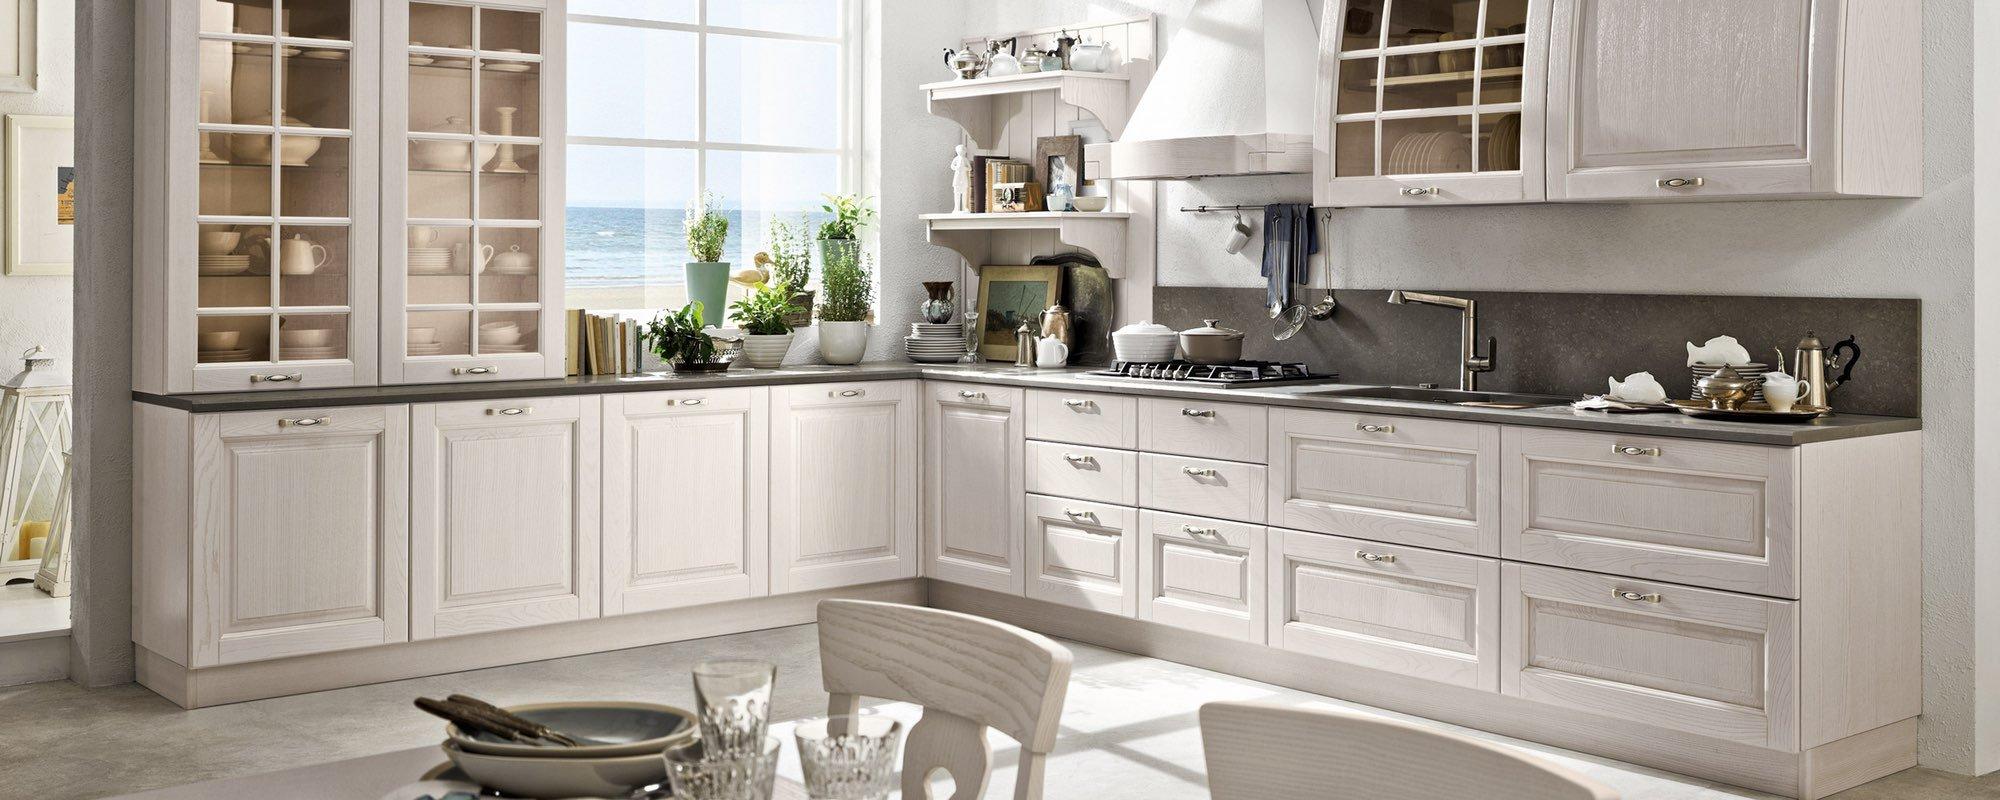 Cucine Classiche Ad Angolo. Fabulous Cucine Moderne Ad Angolo Con ...